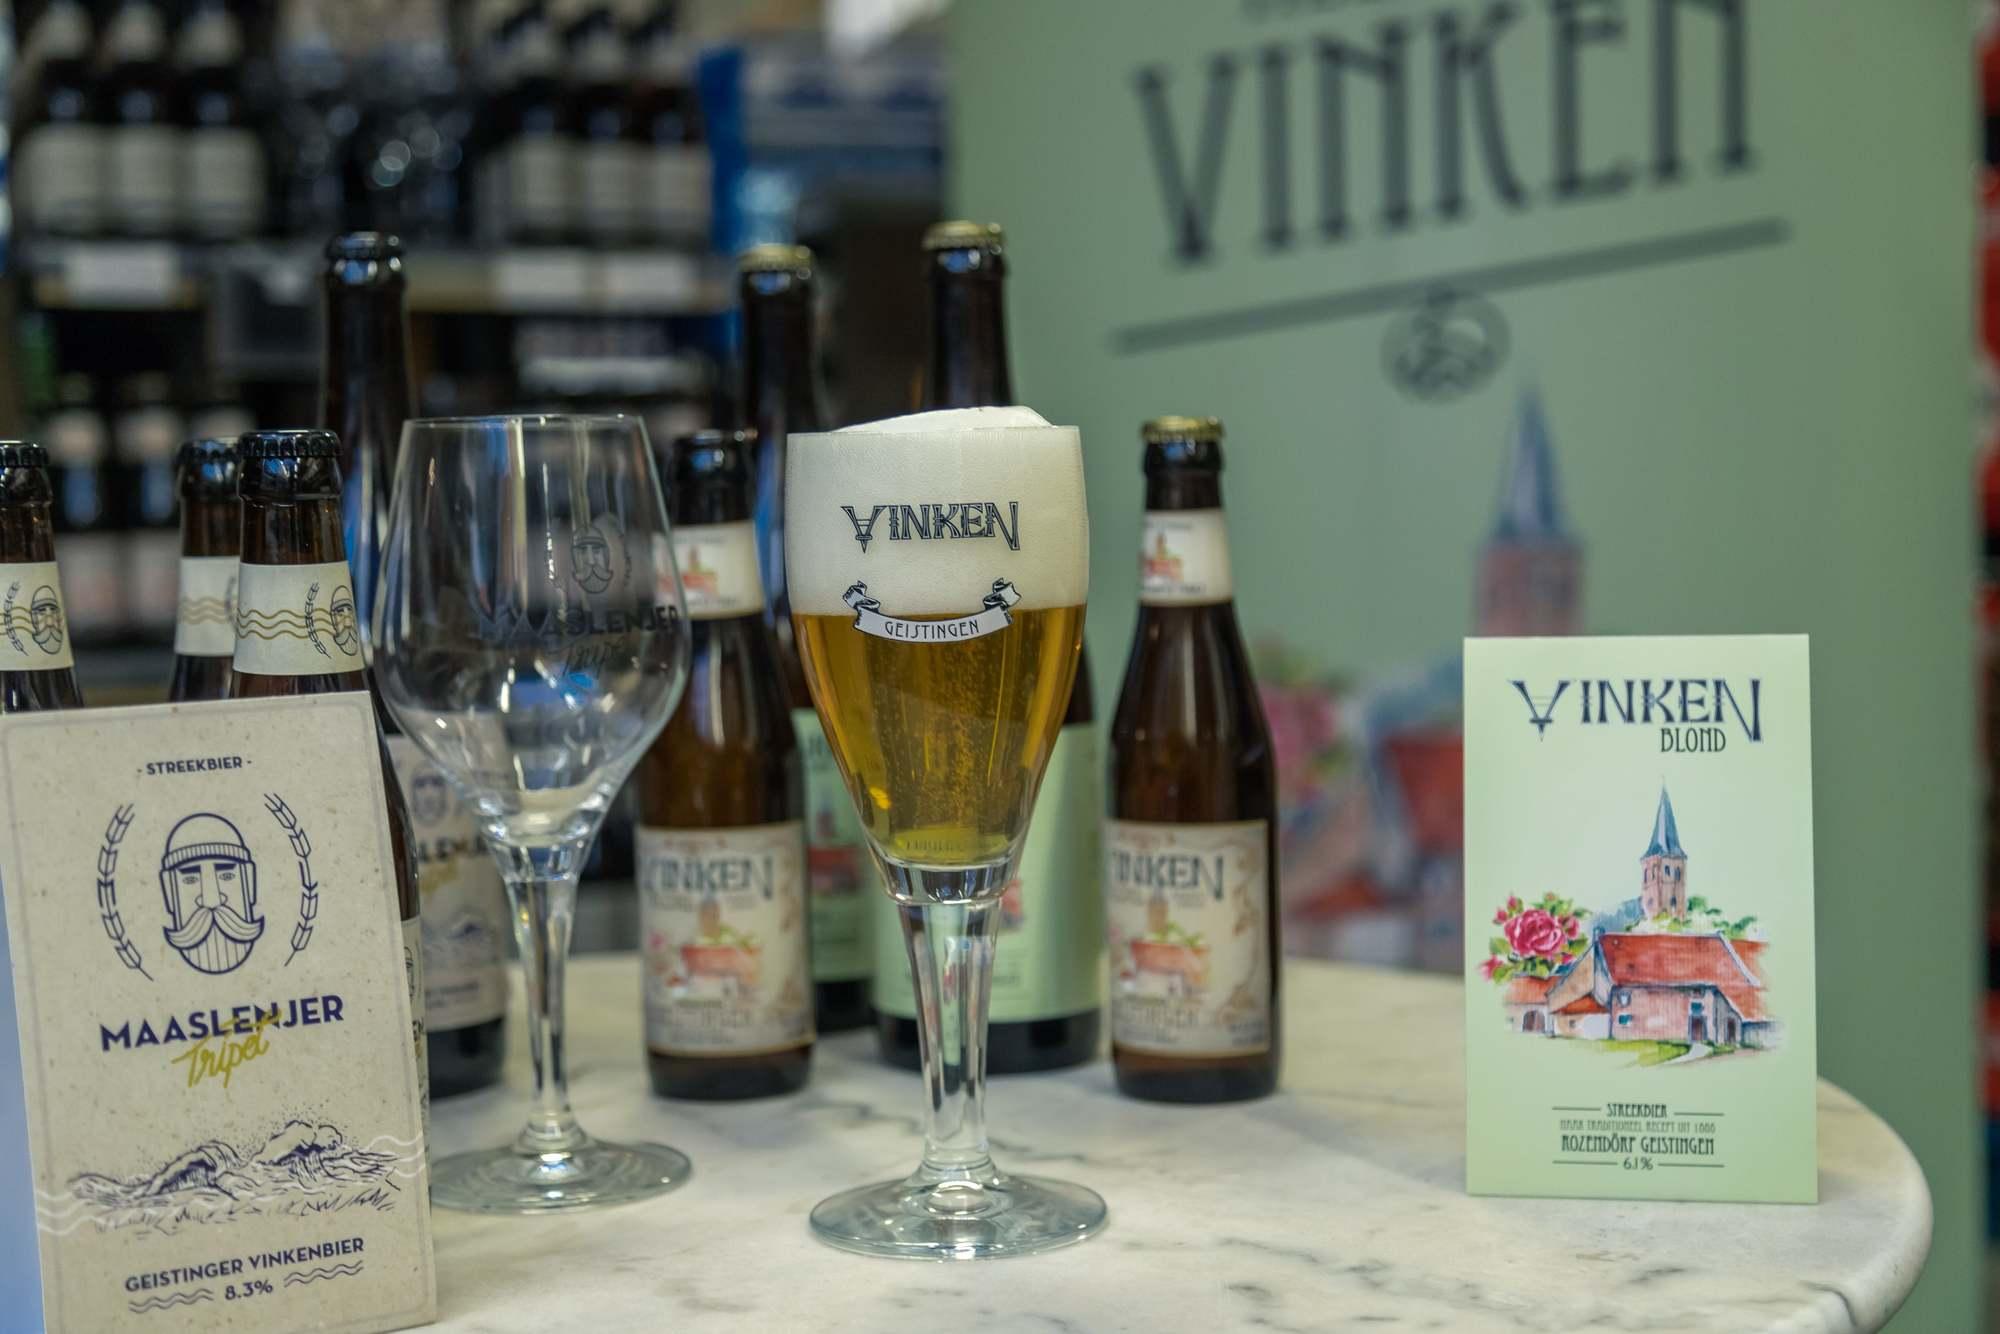 Het verhaal van Geistinger Vinkenbier in Kinrooi